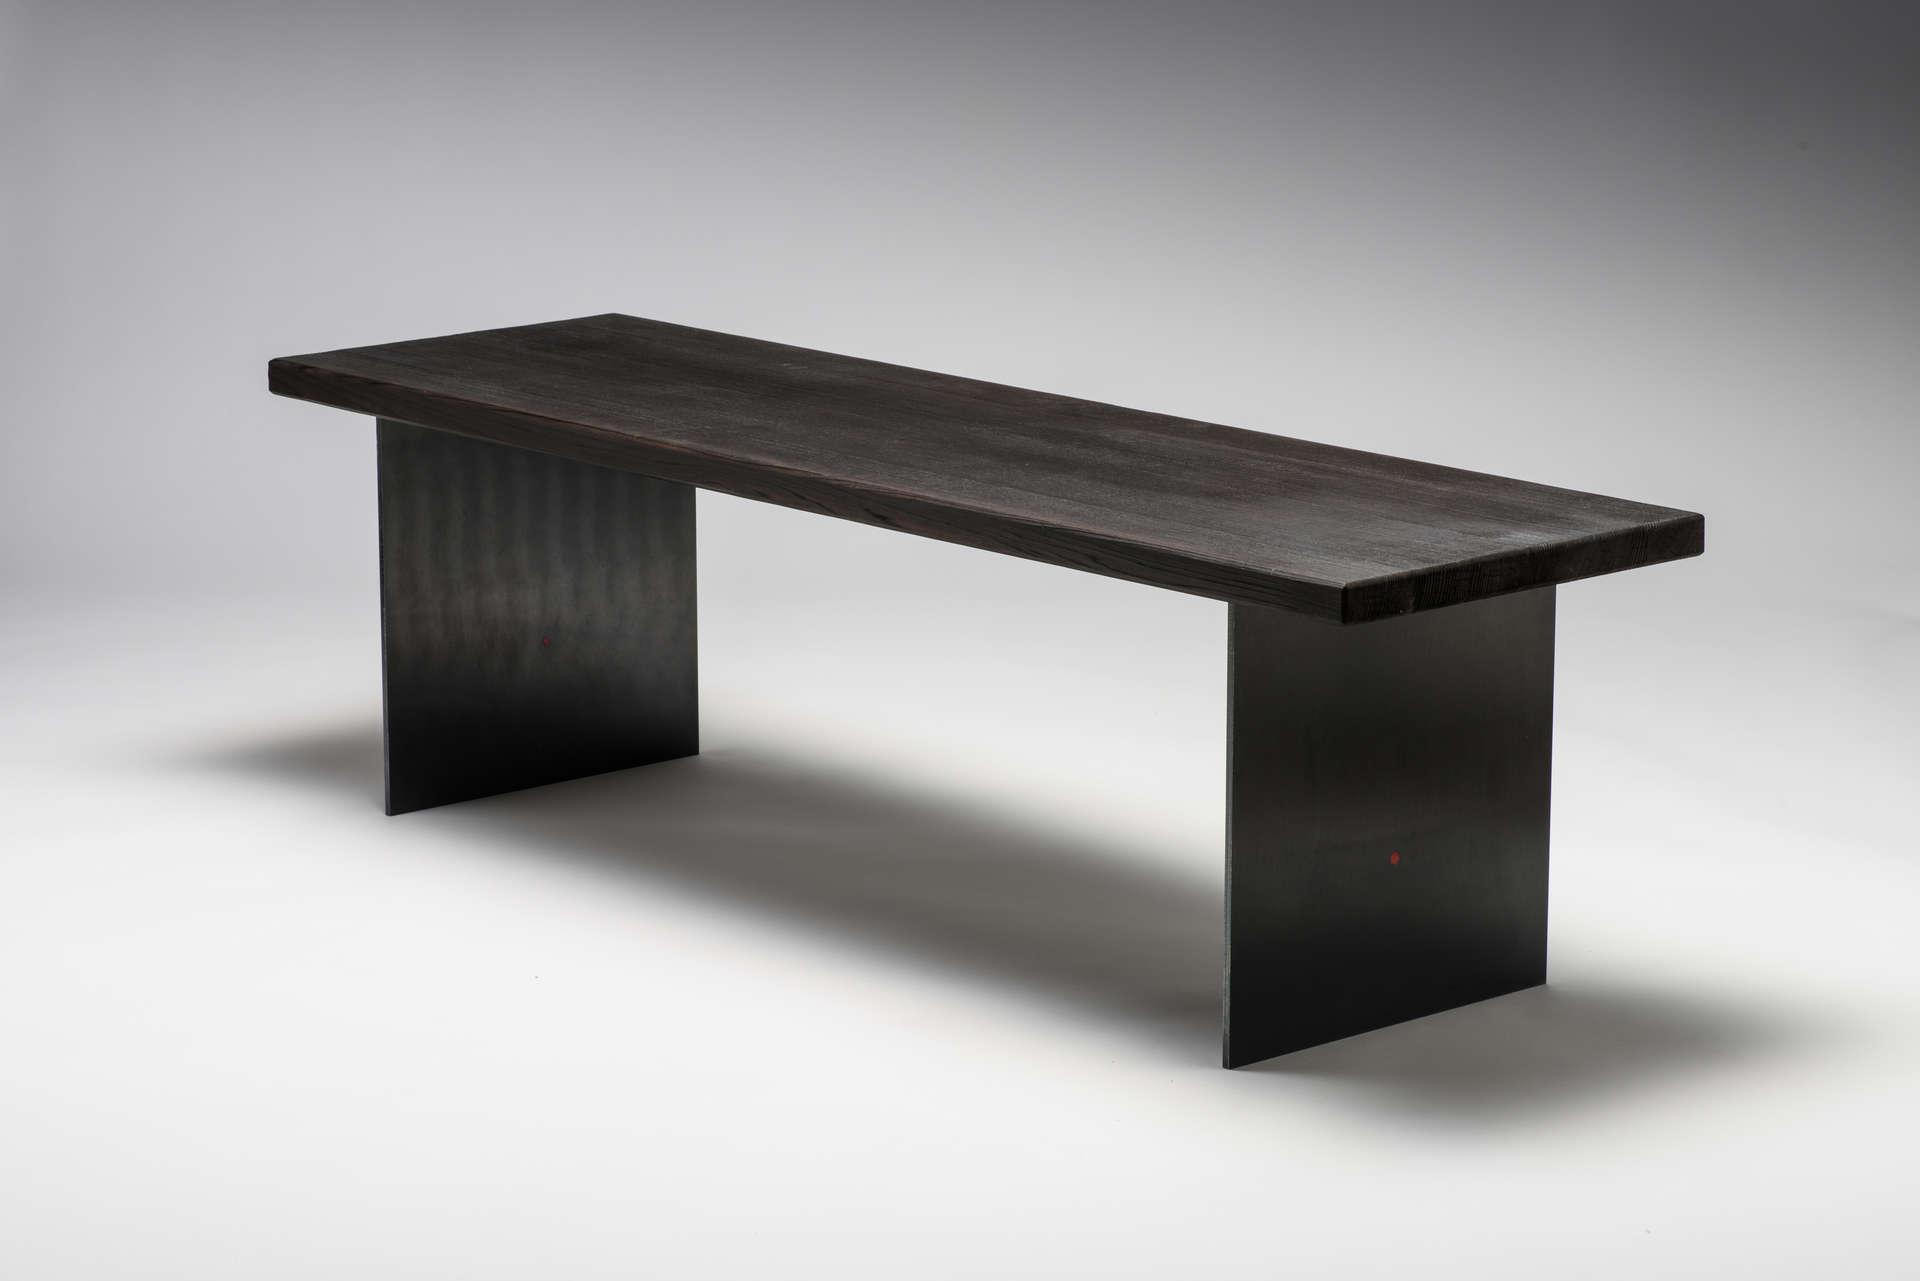 Schwarze Designer Sitzbank im japanischen Stil.